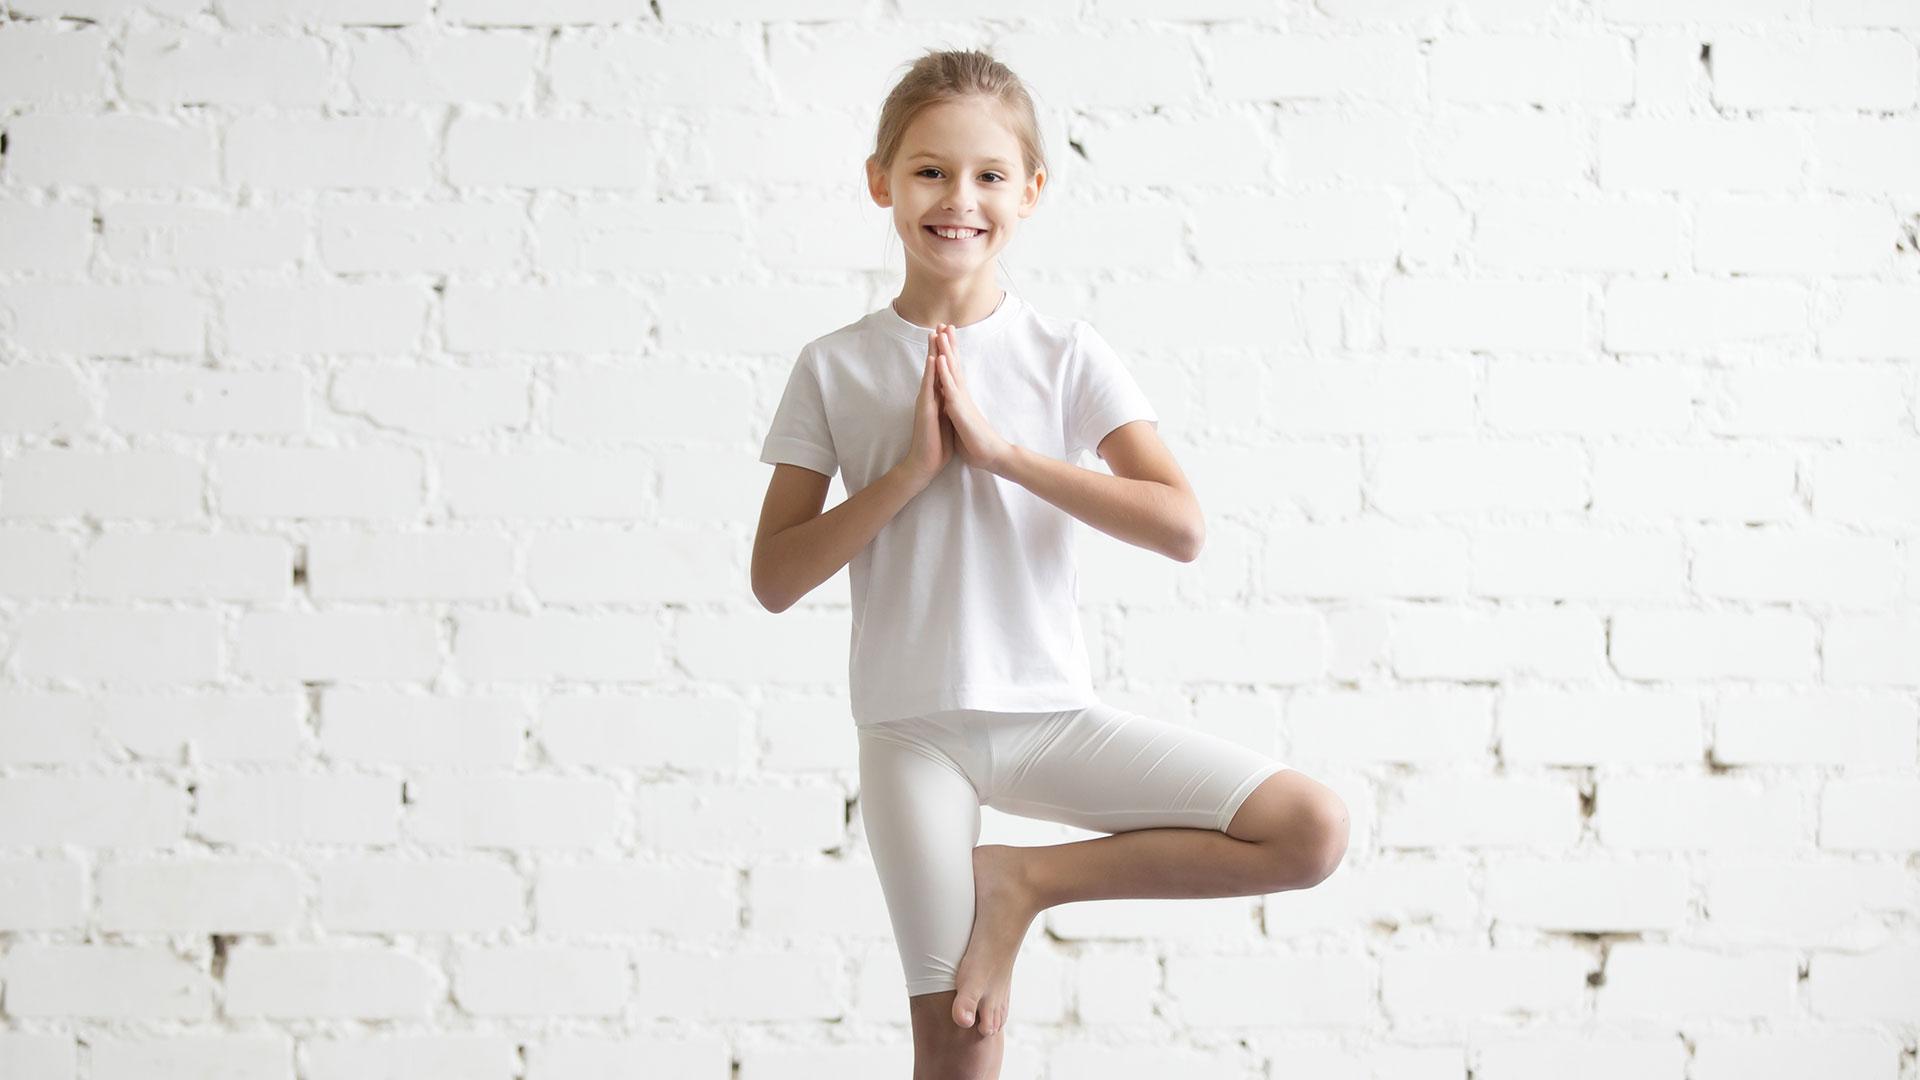 Teaching troubled teens yoga